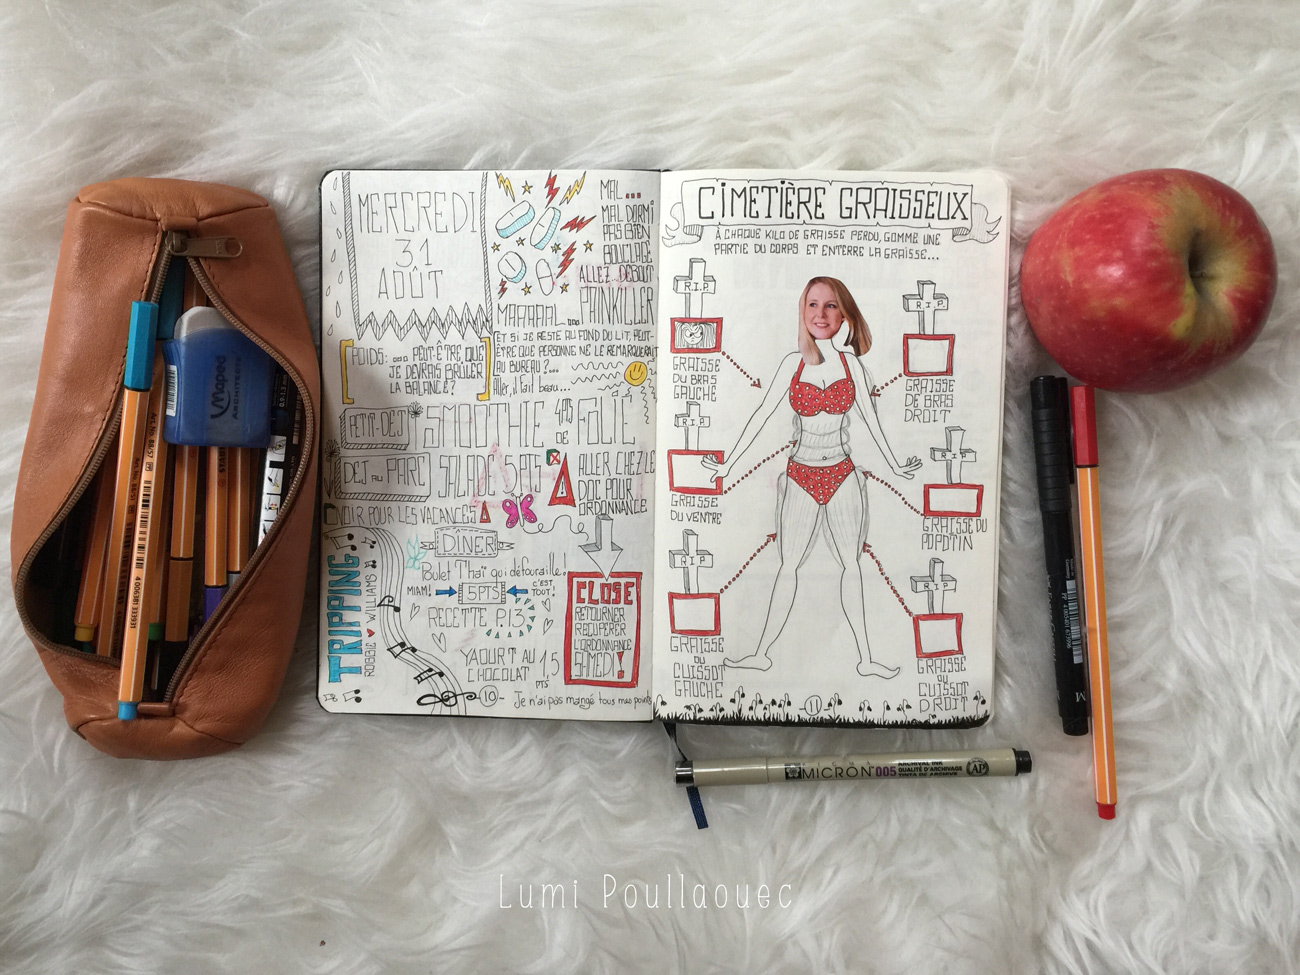 Mon carnet de motivation – Cimetière graisseux